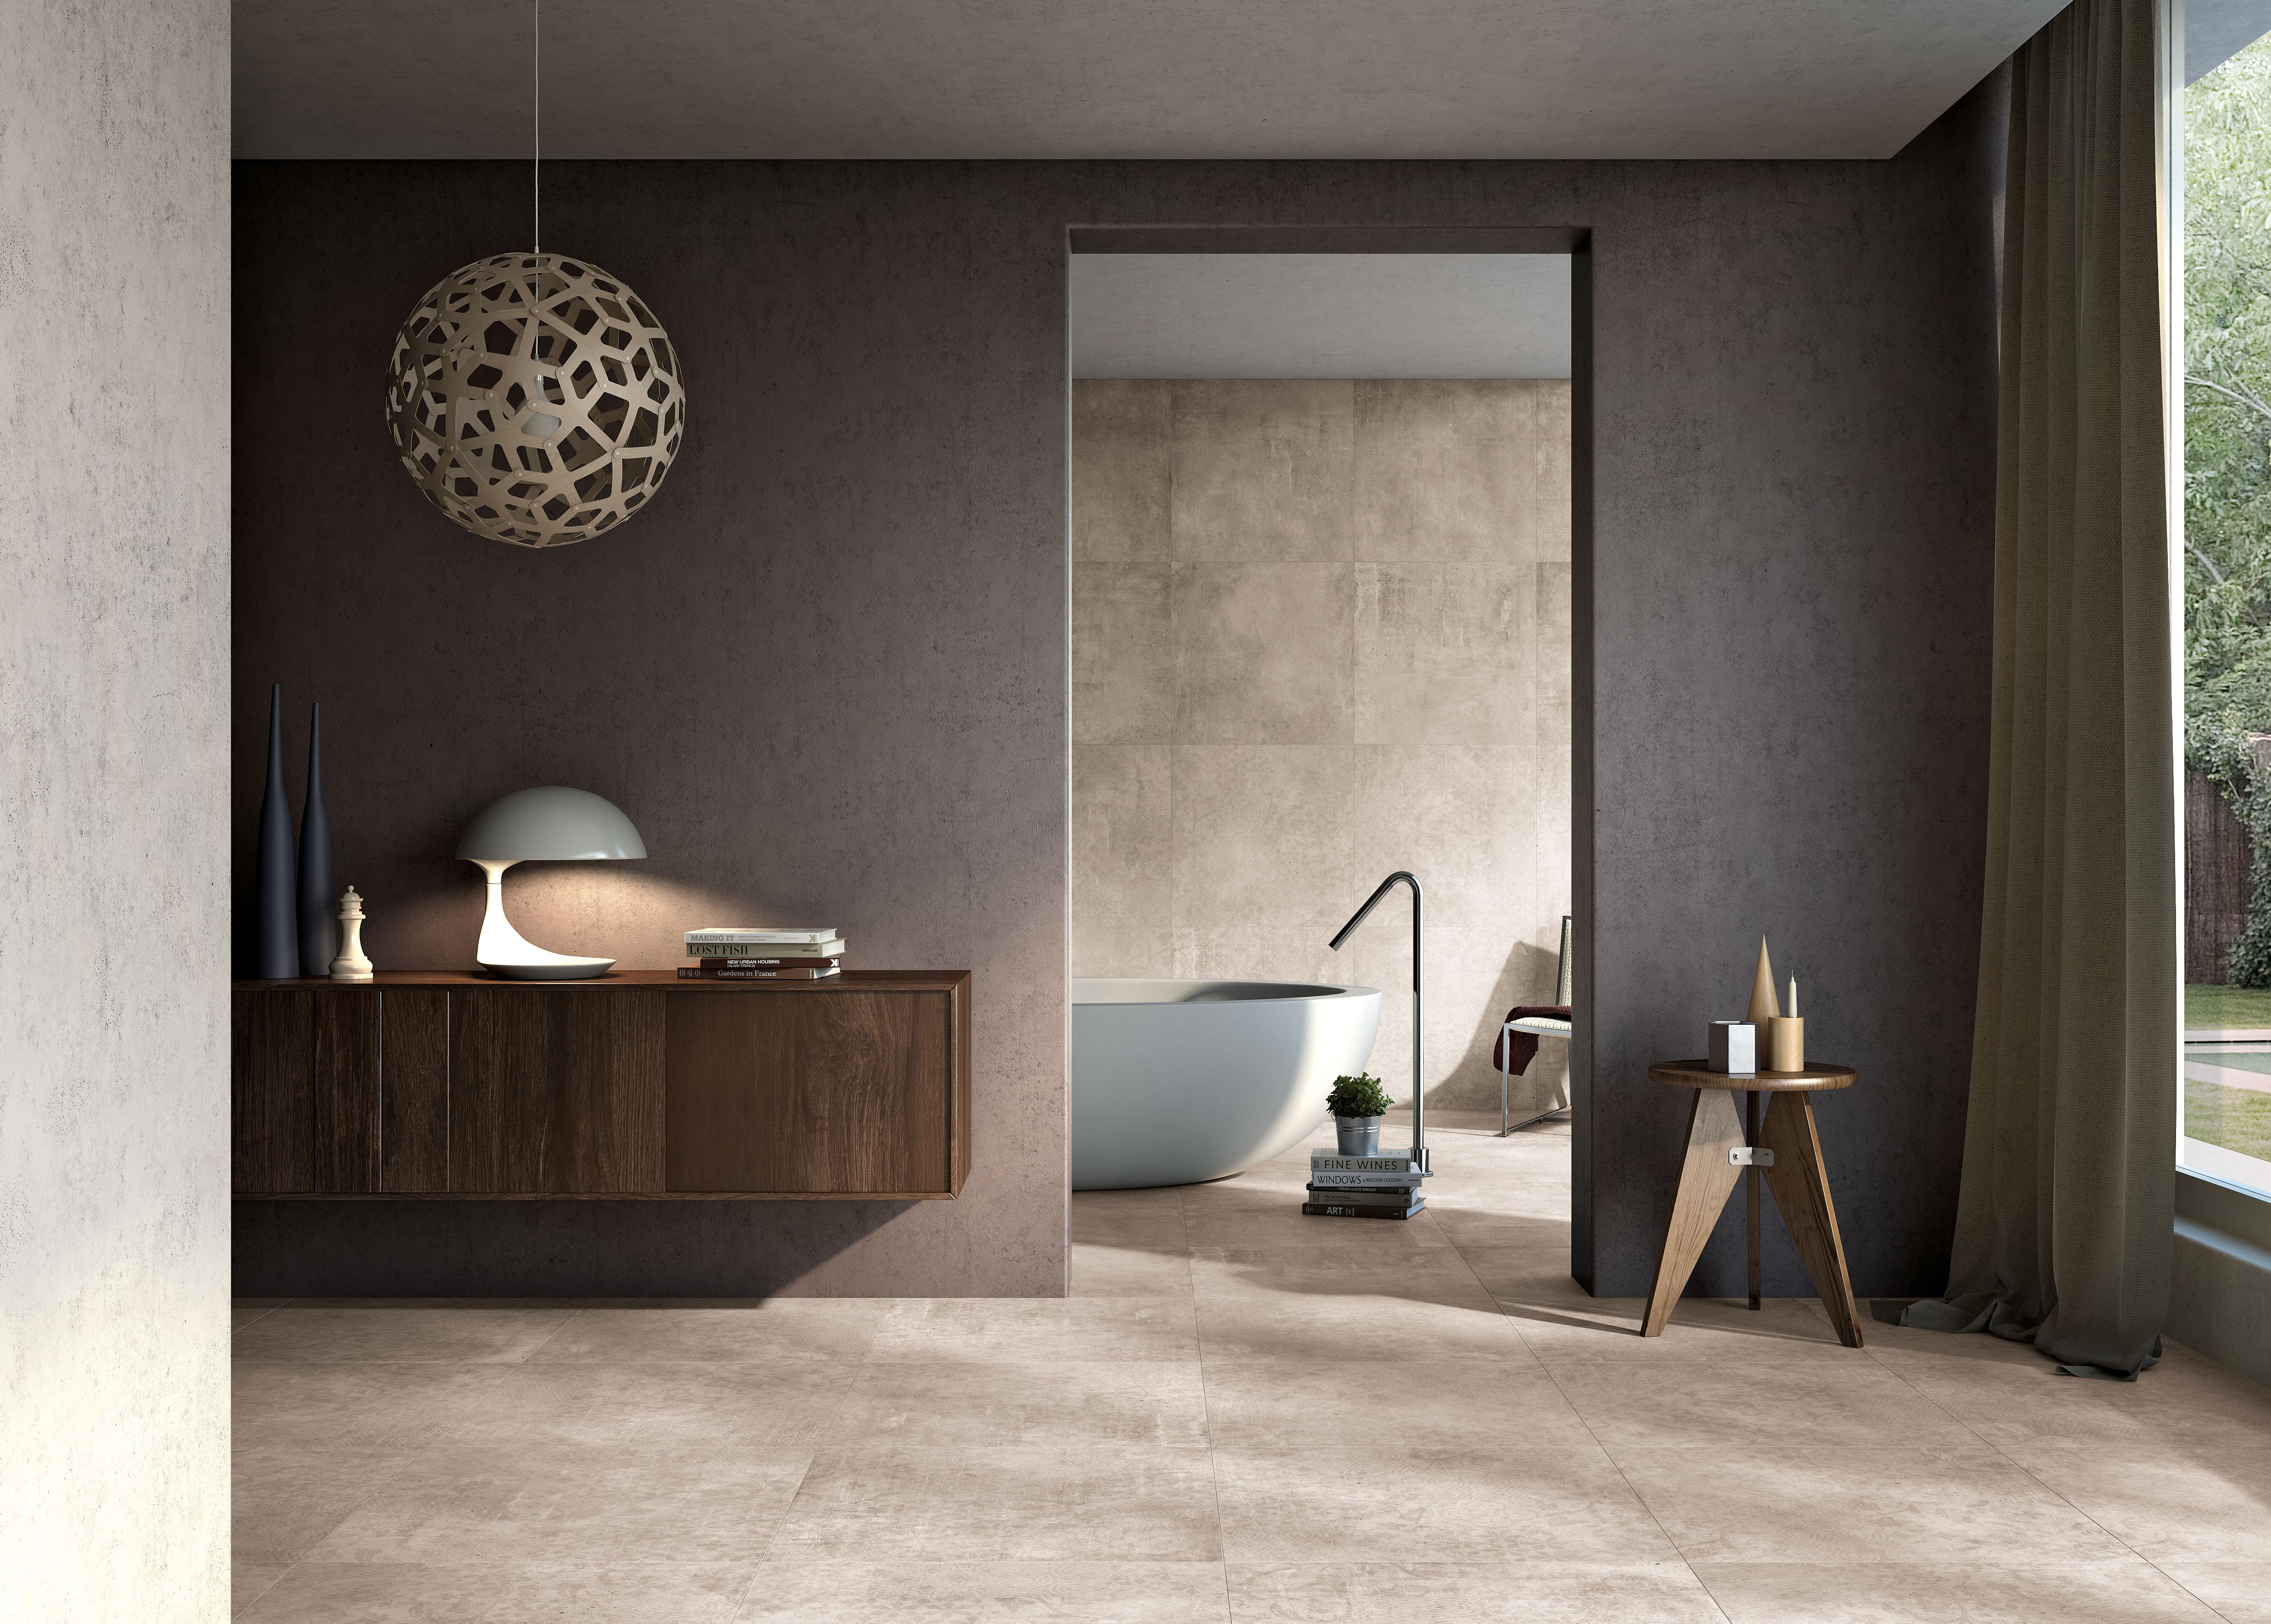 Beige Betonfliesen im Bad, beige concrete effect tiles in the bathroom